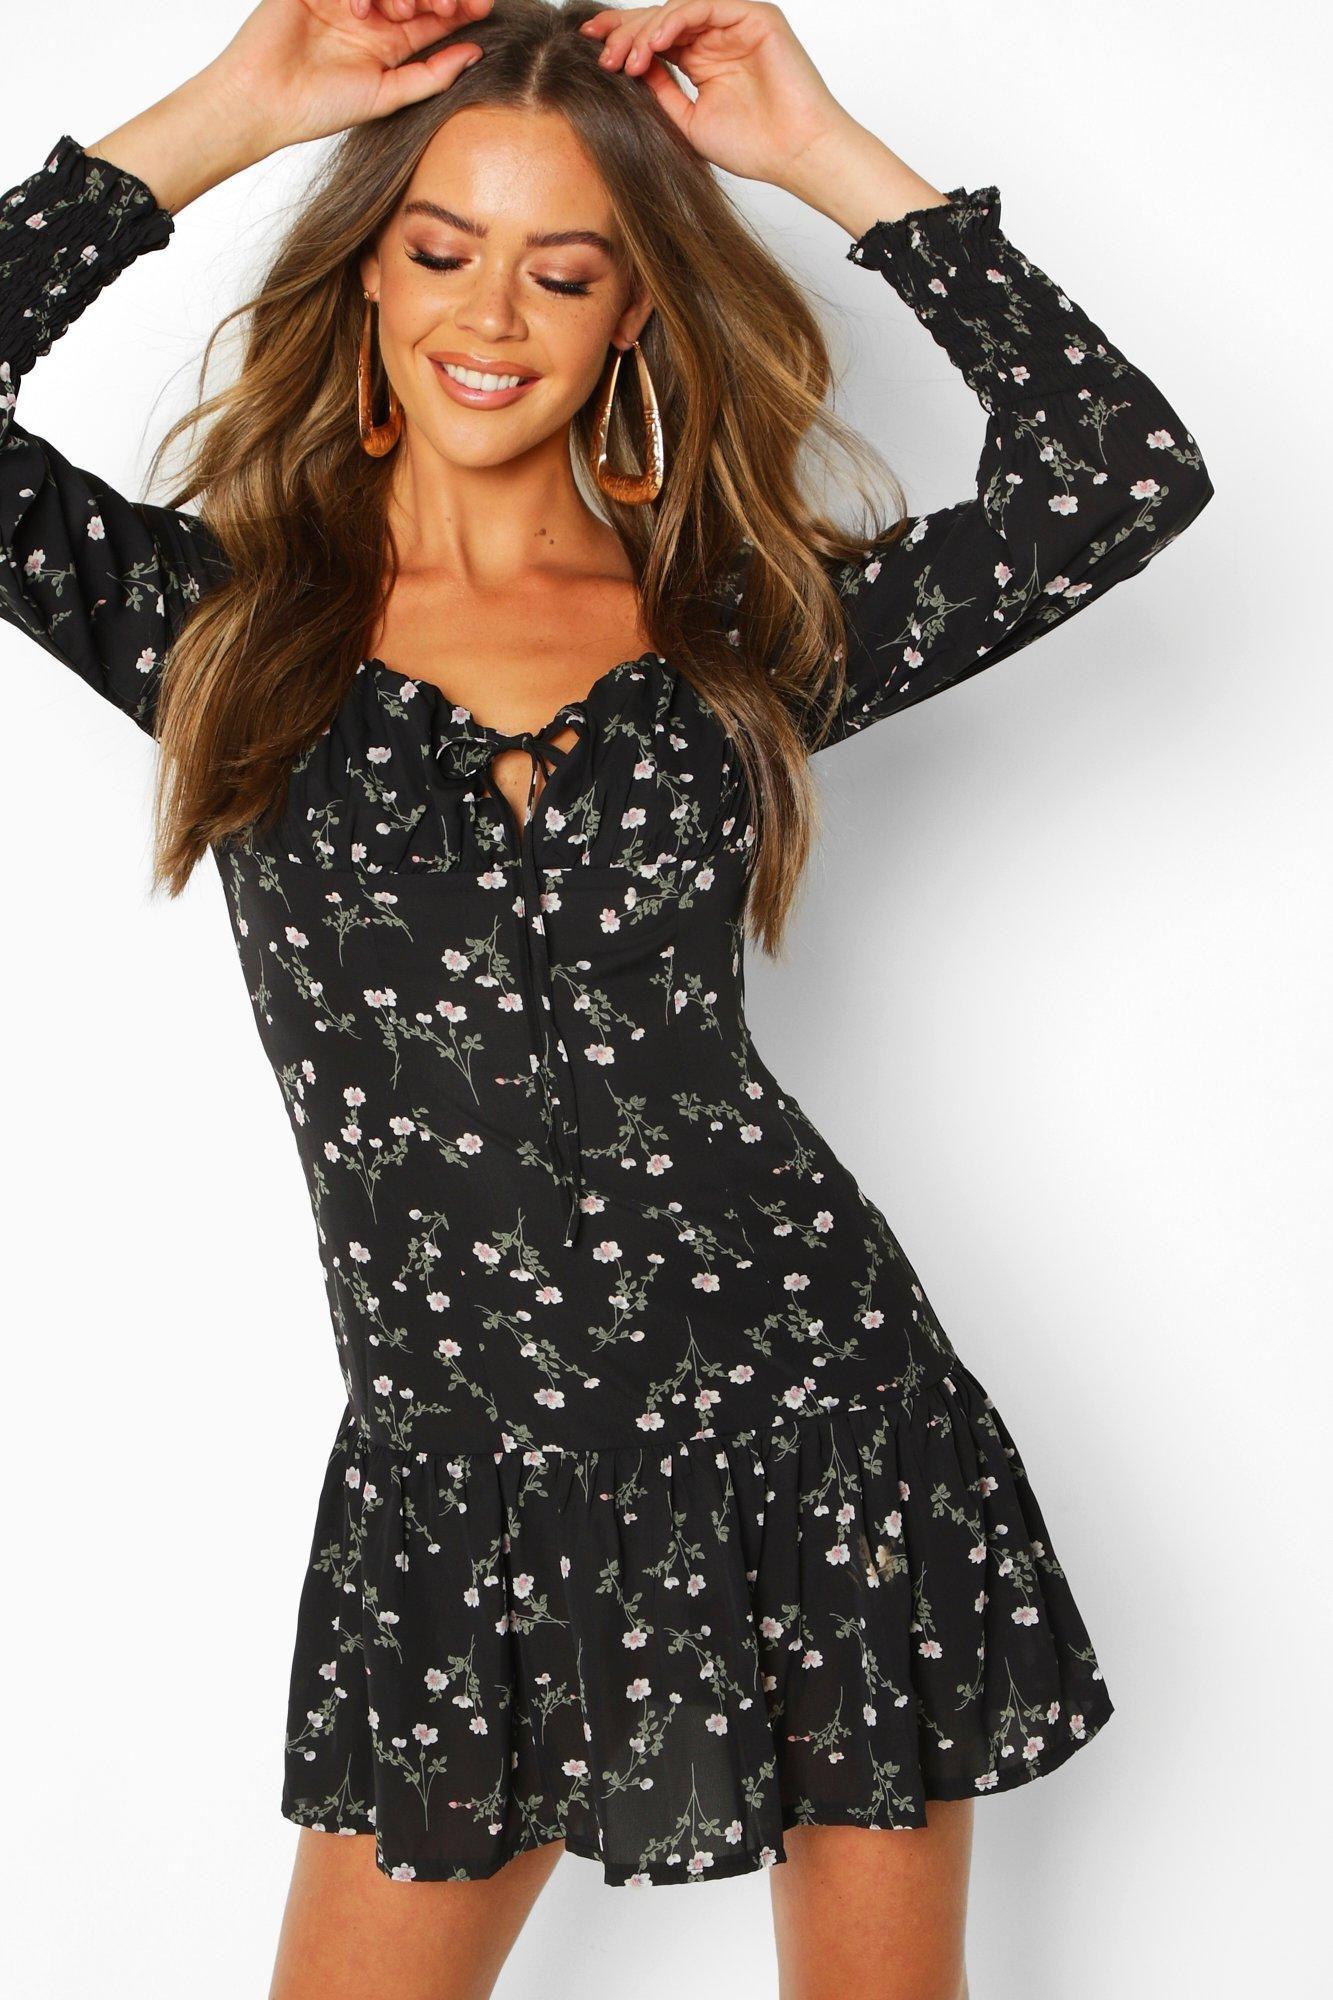 17++ Black floral dress info